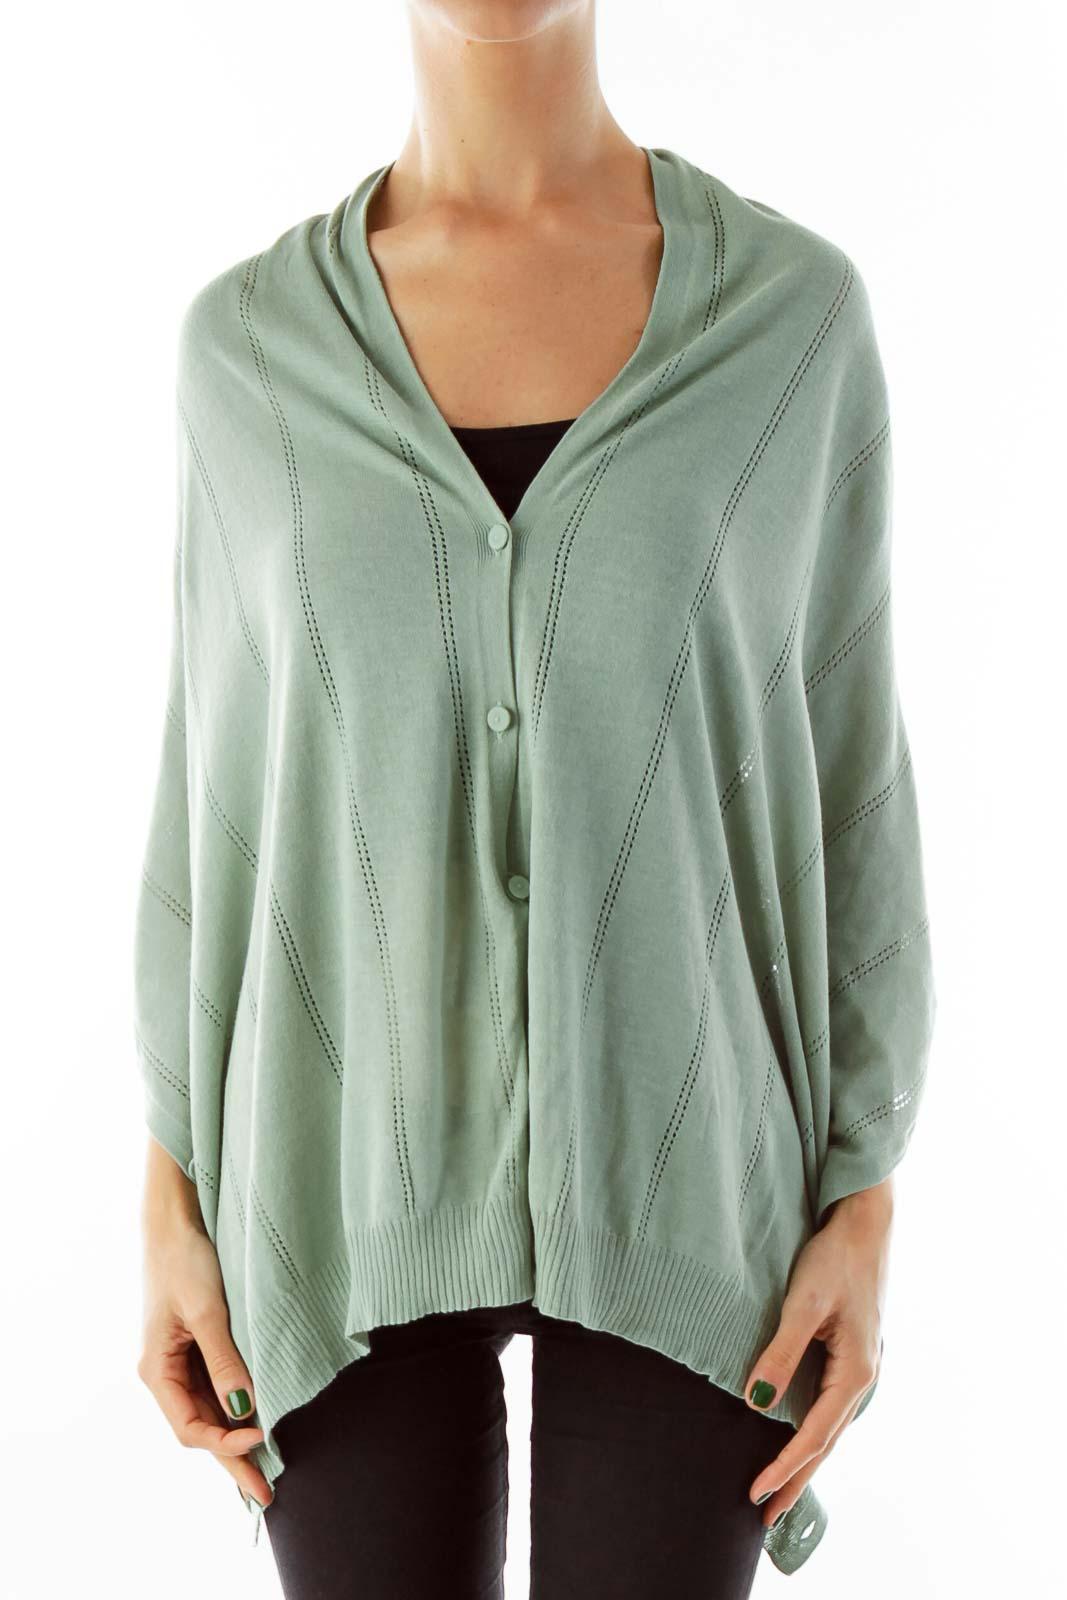 Green Multi-Wear Top